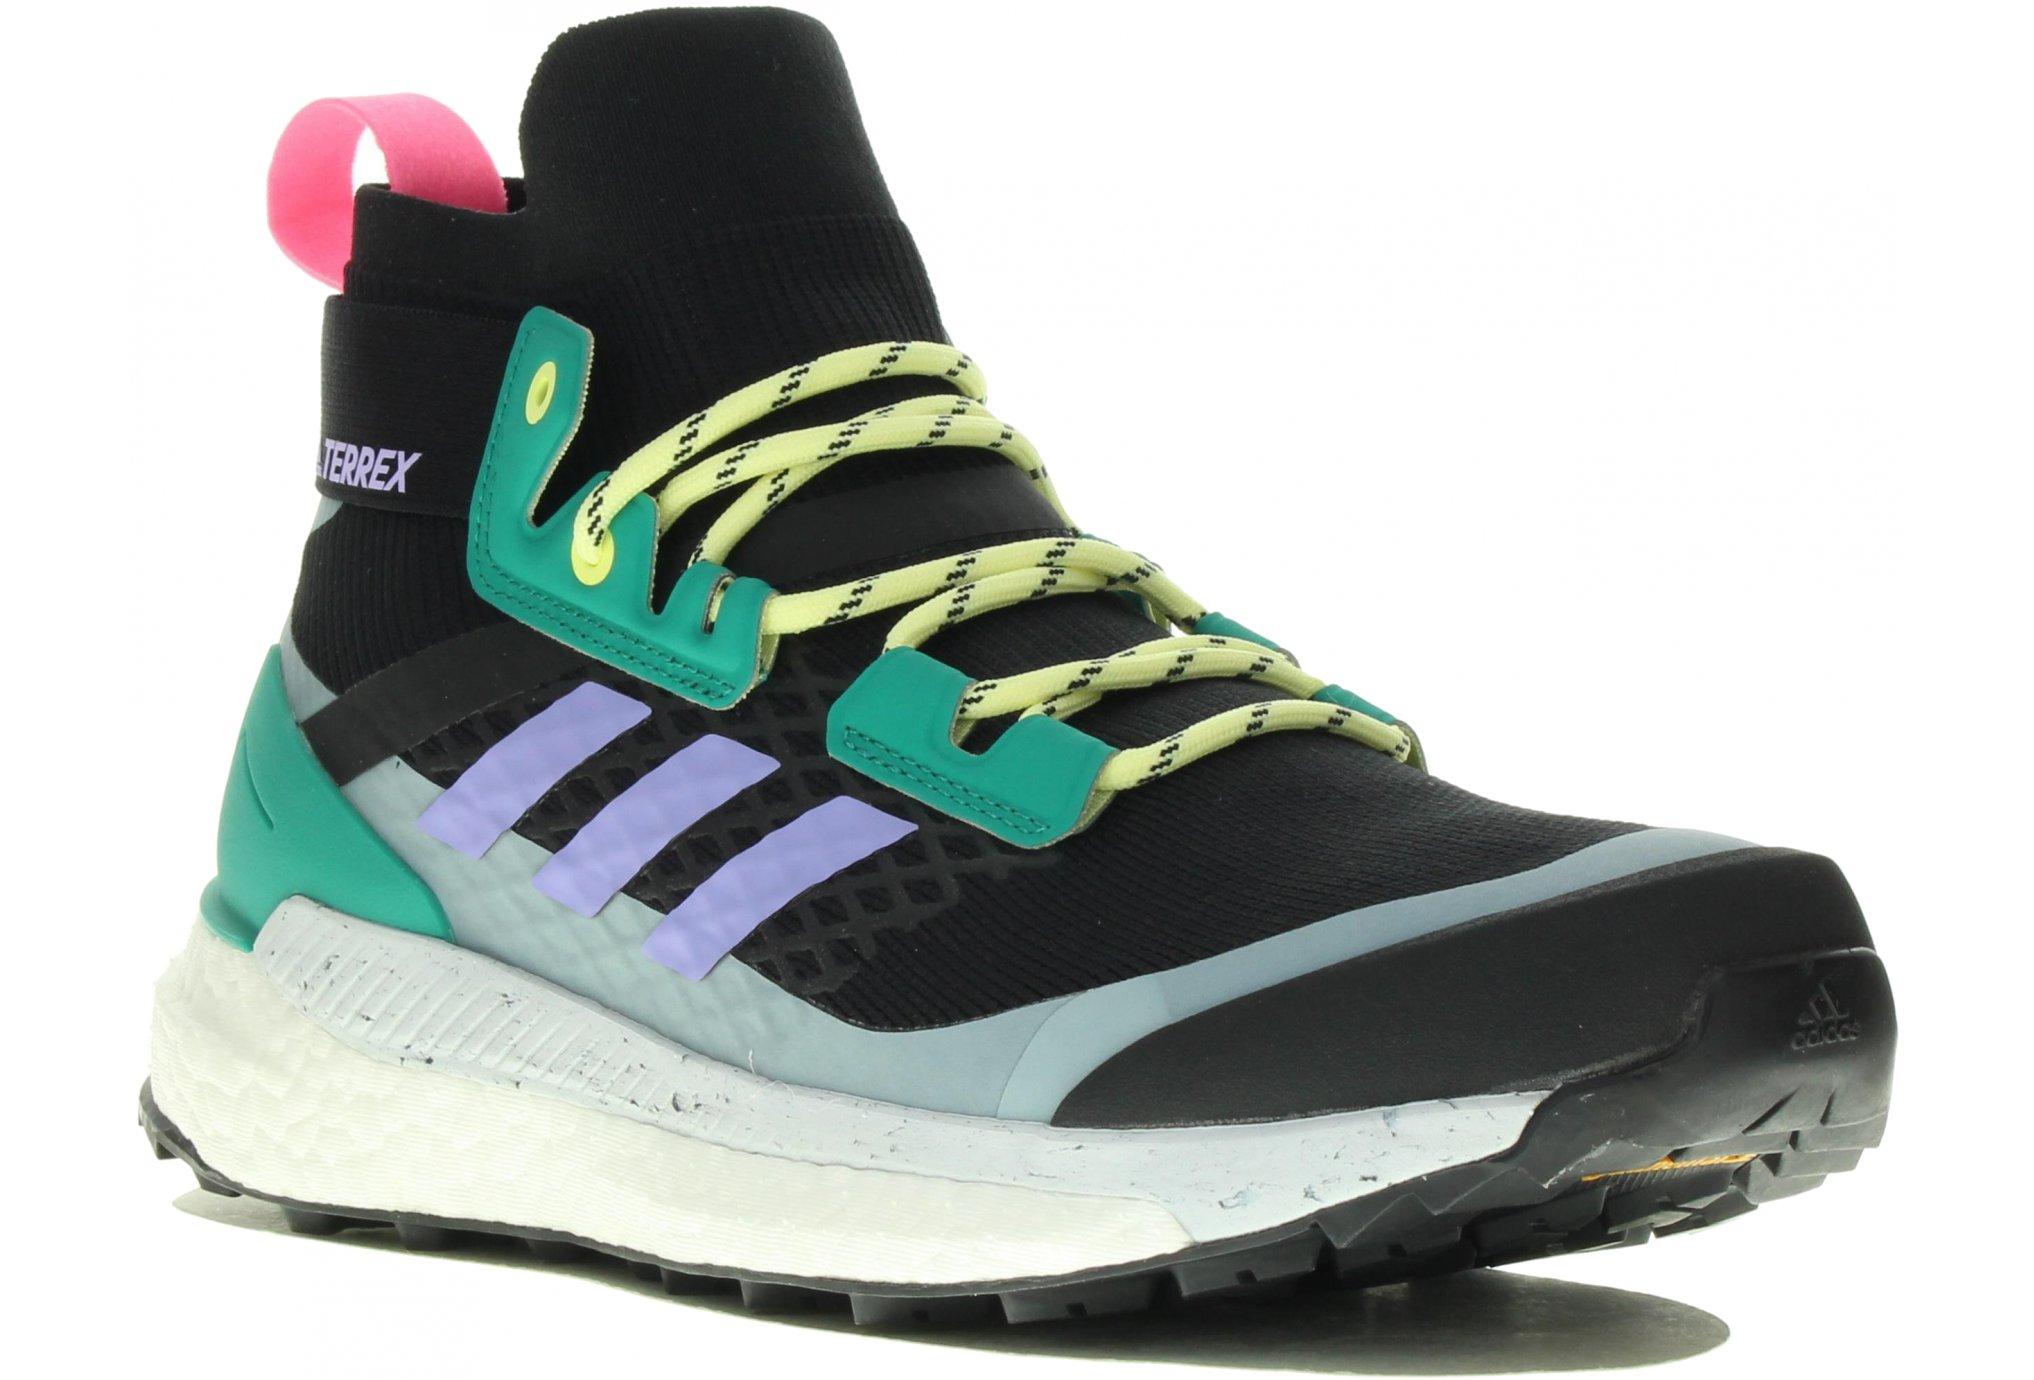 adidas Terrex Free Hiker Chaussures running femme